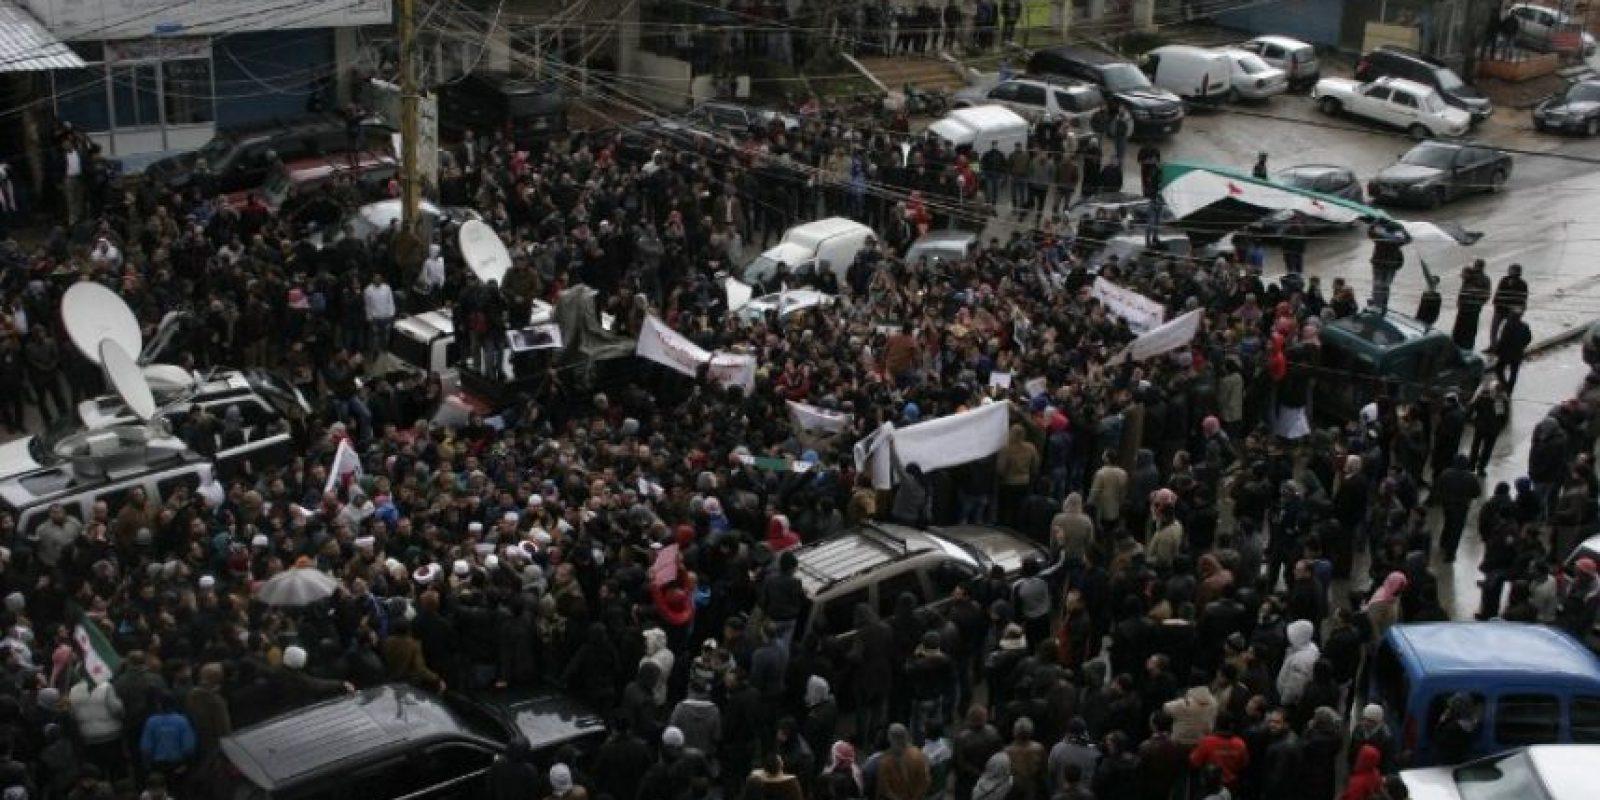 Esto debido a las órdenes del régimen, las cuales complican el acceso a la zona. Foto:AFP